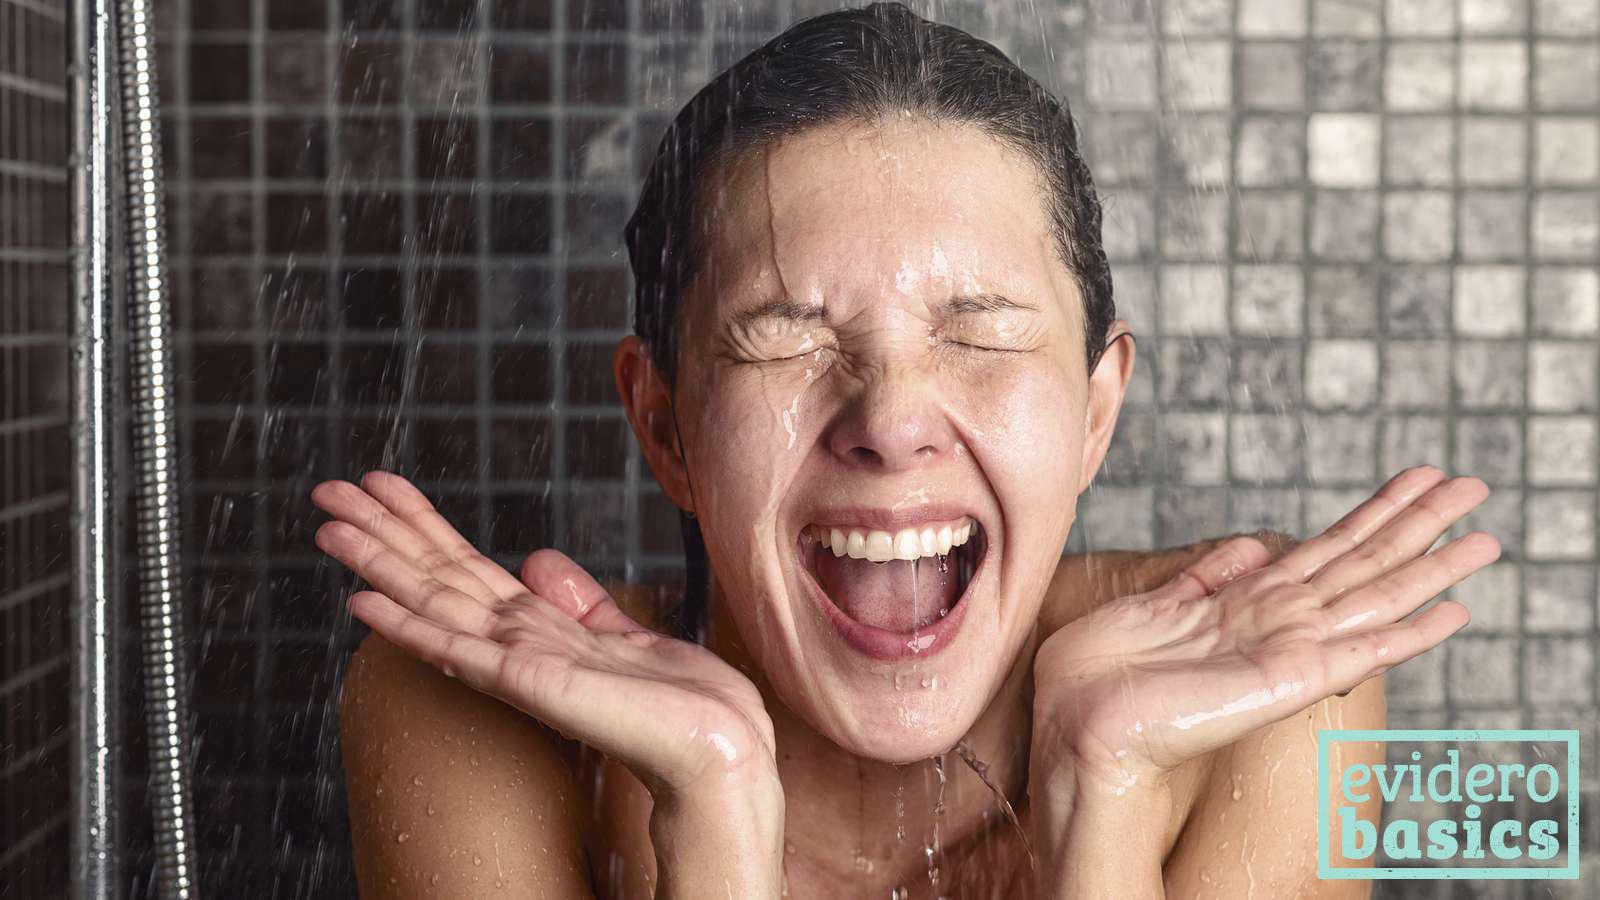 No Poo Haare Waschen Ohne Shampoo Bekämpft Fettige Haare Evidero